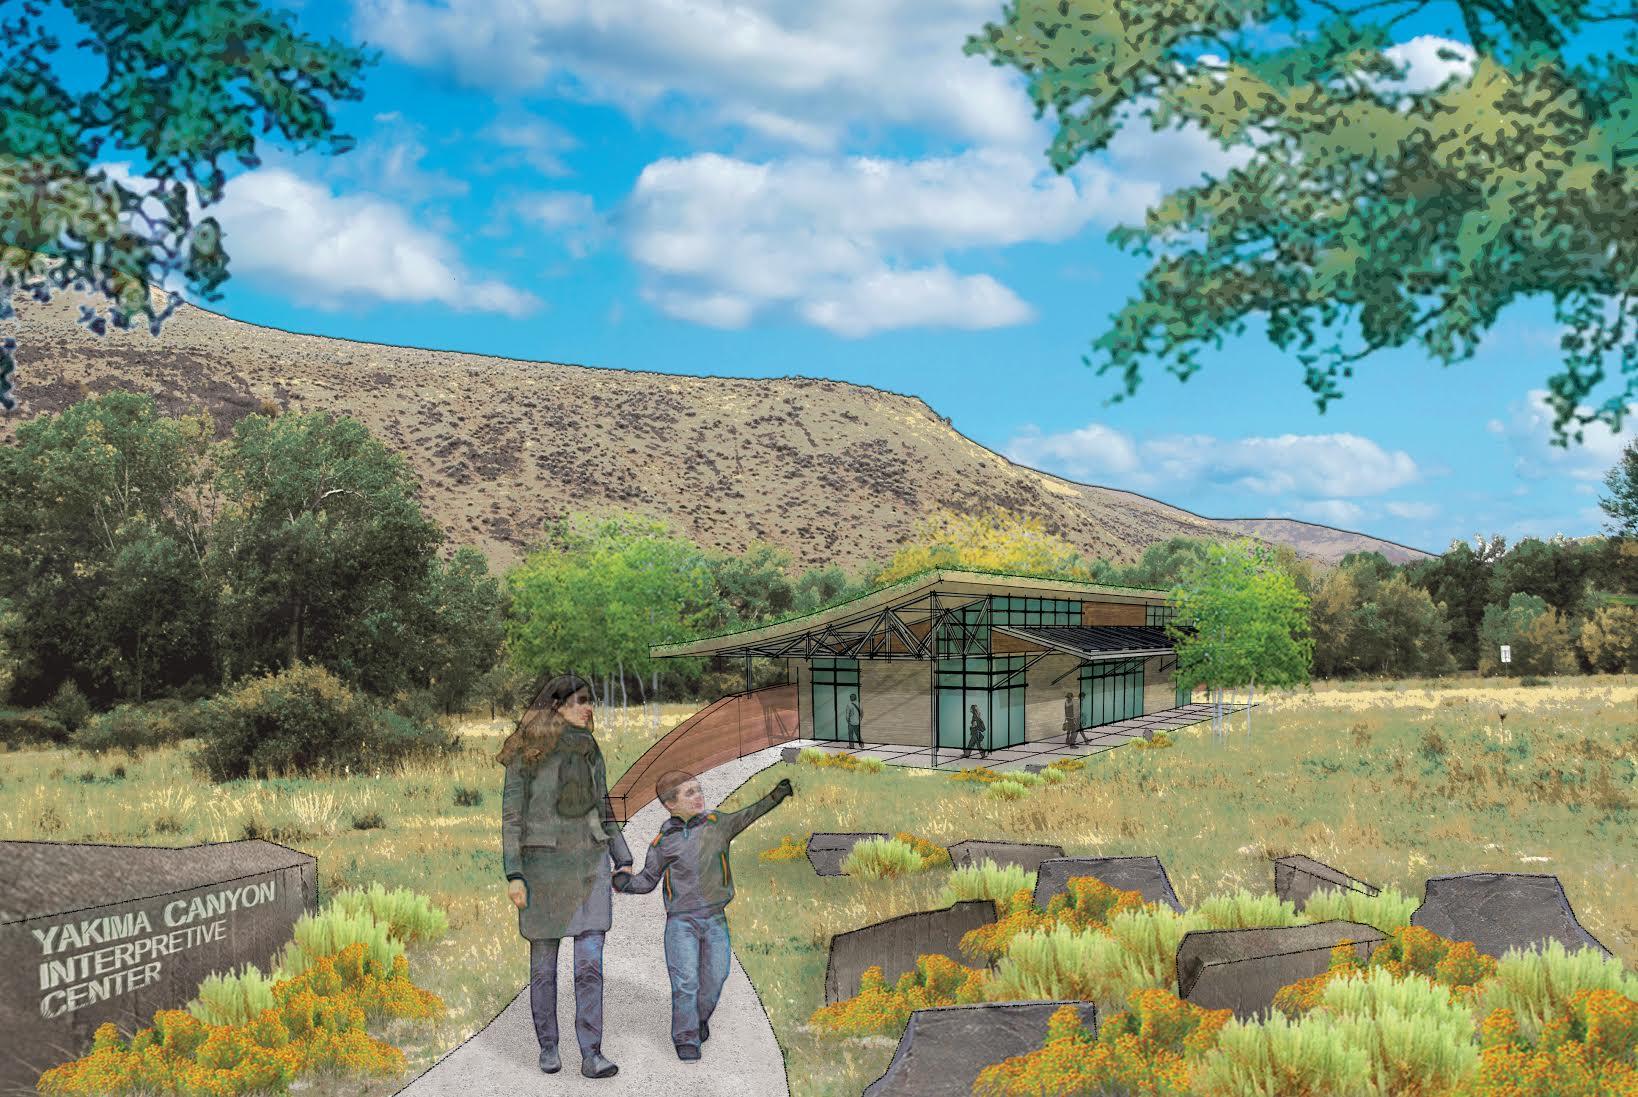 Yakima Canyon Interpretive Center